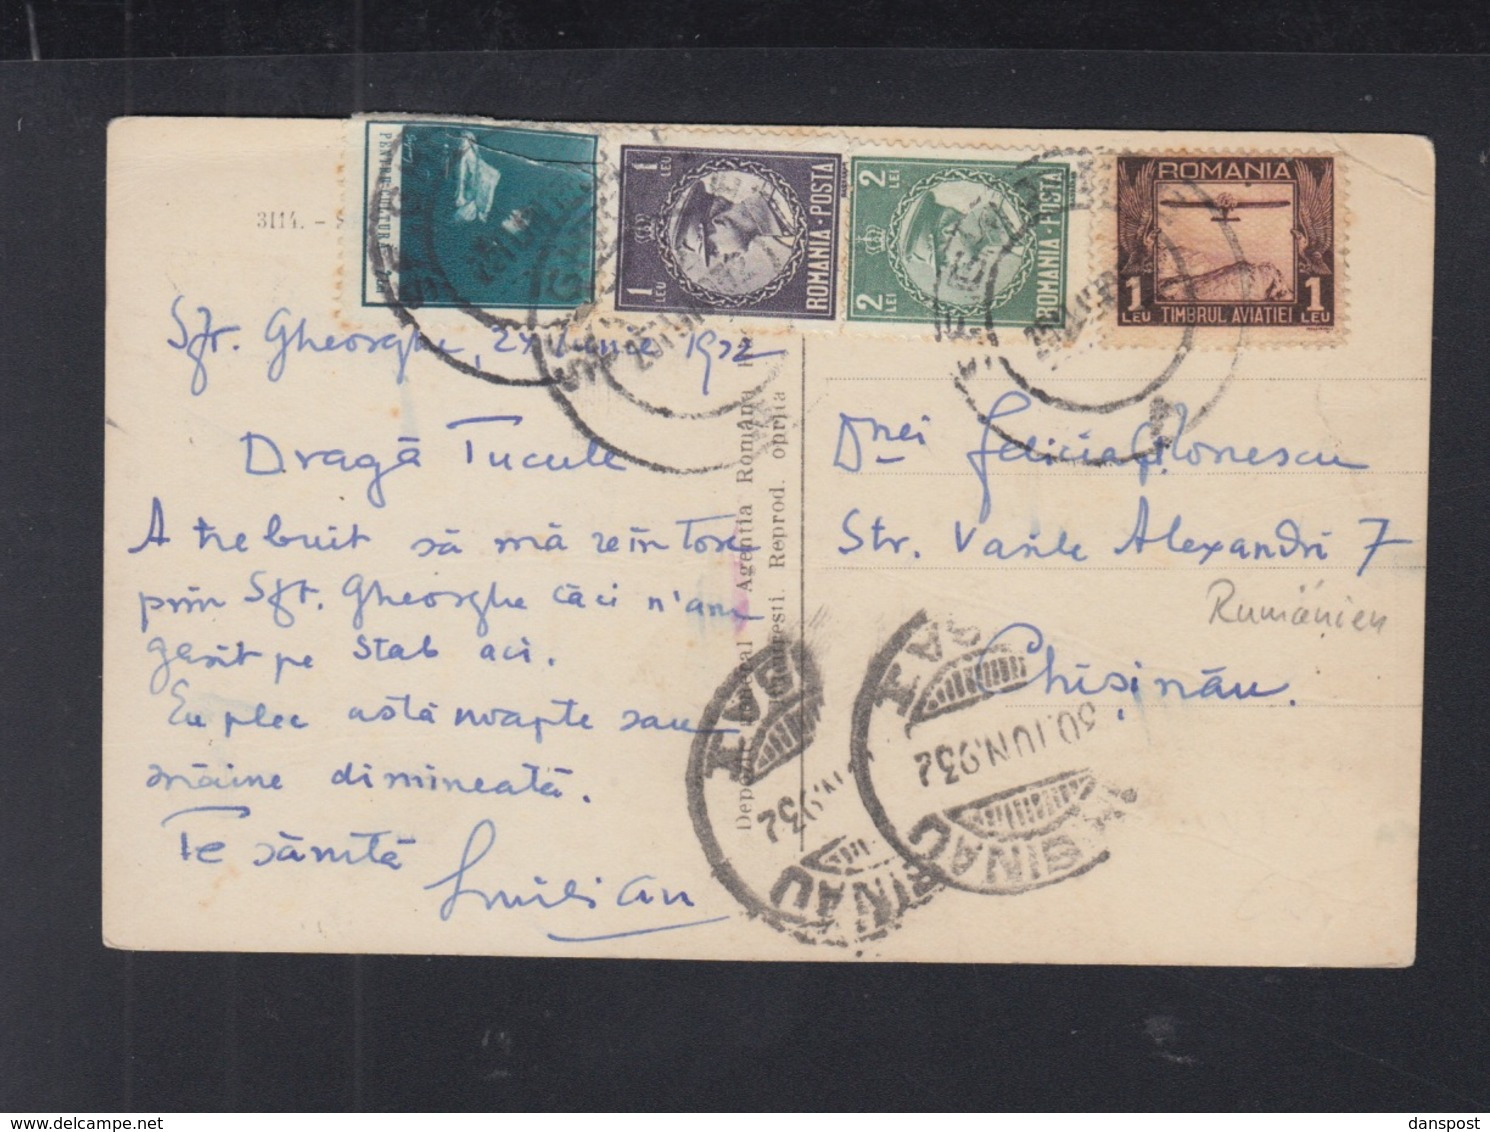 Romania PPC Sf. Gheorge 1932 - Rumänien